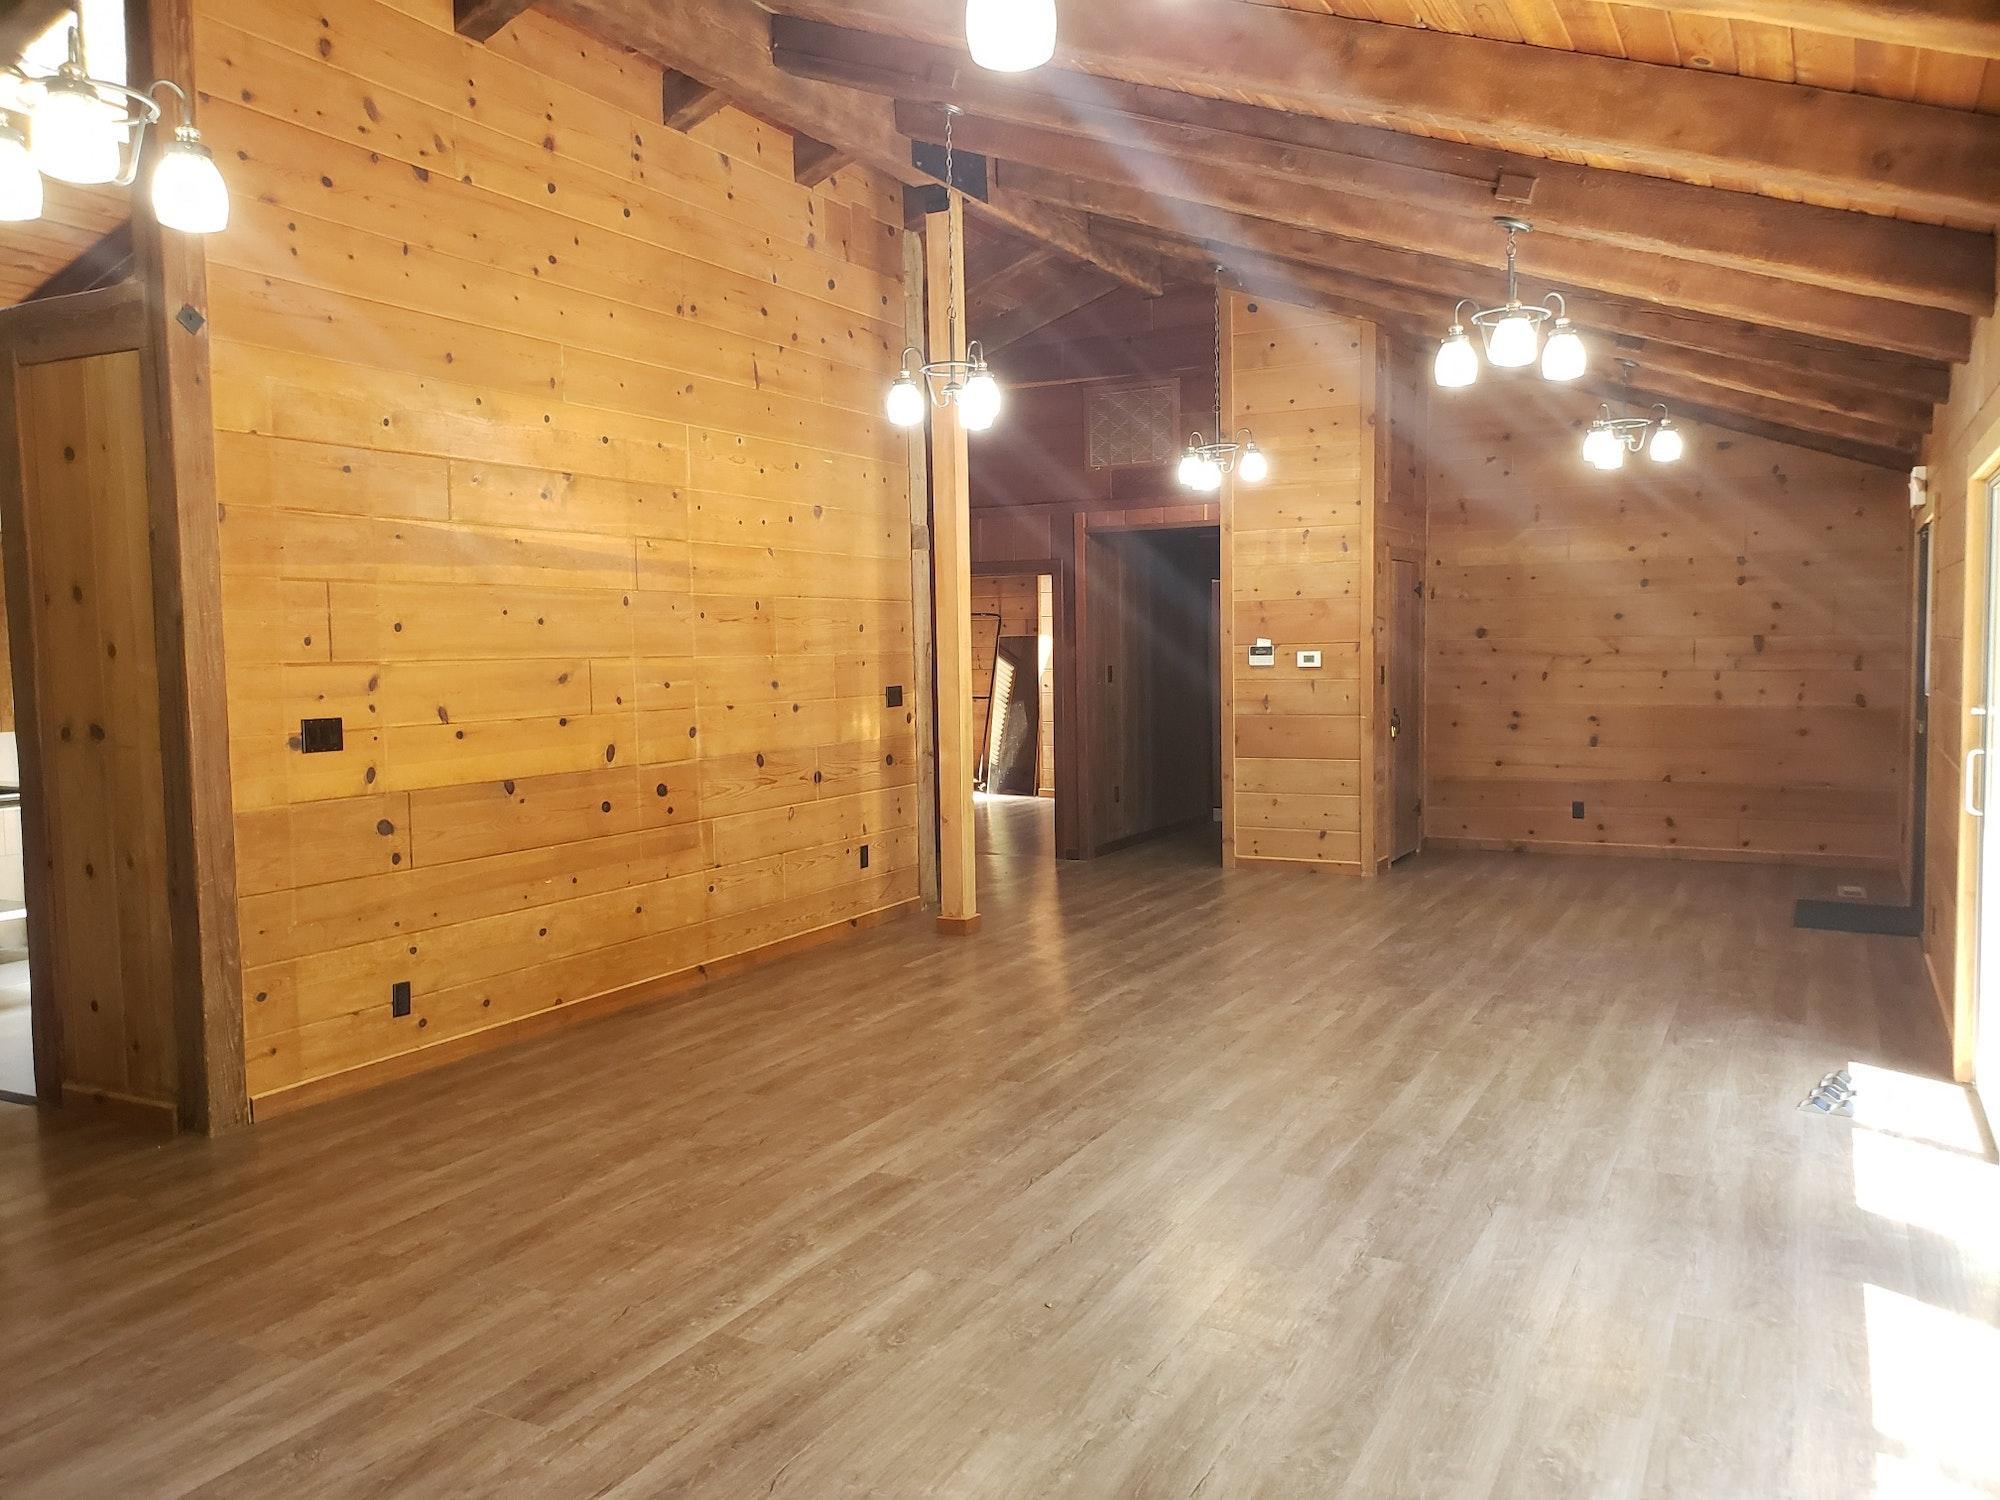 May contain: floor, flooring, wood, room, indoors, and hardwood